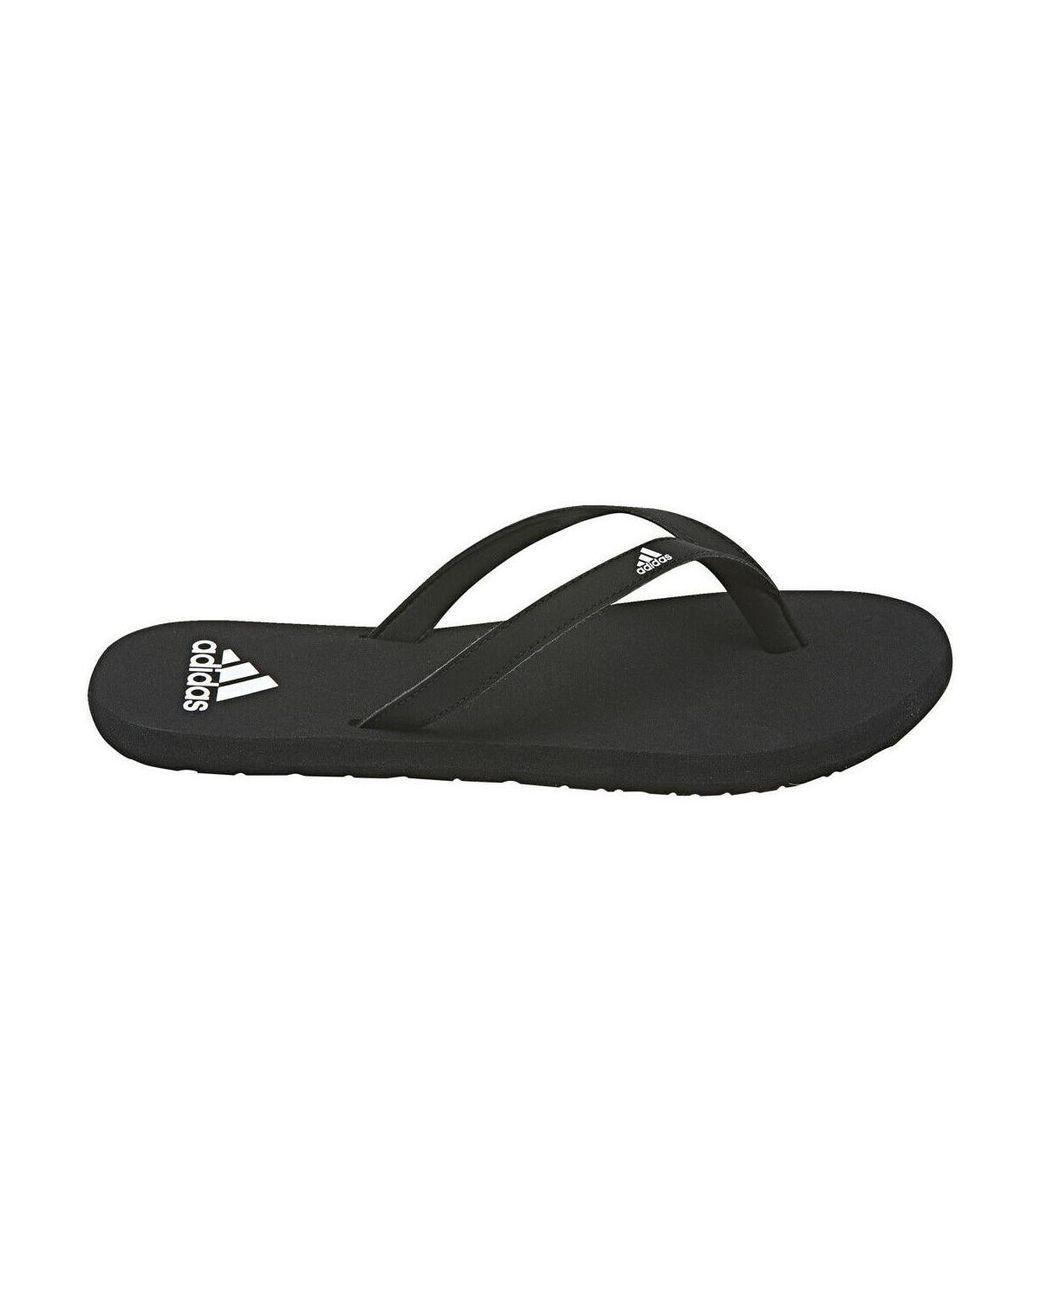 80f946532 adidas Eezay Flip Flop F35035 Women s Flip Flops   Sandals (shoes) In Black  in Black - Lyst